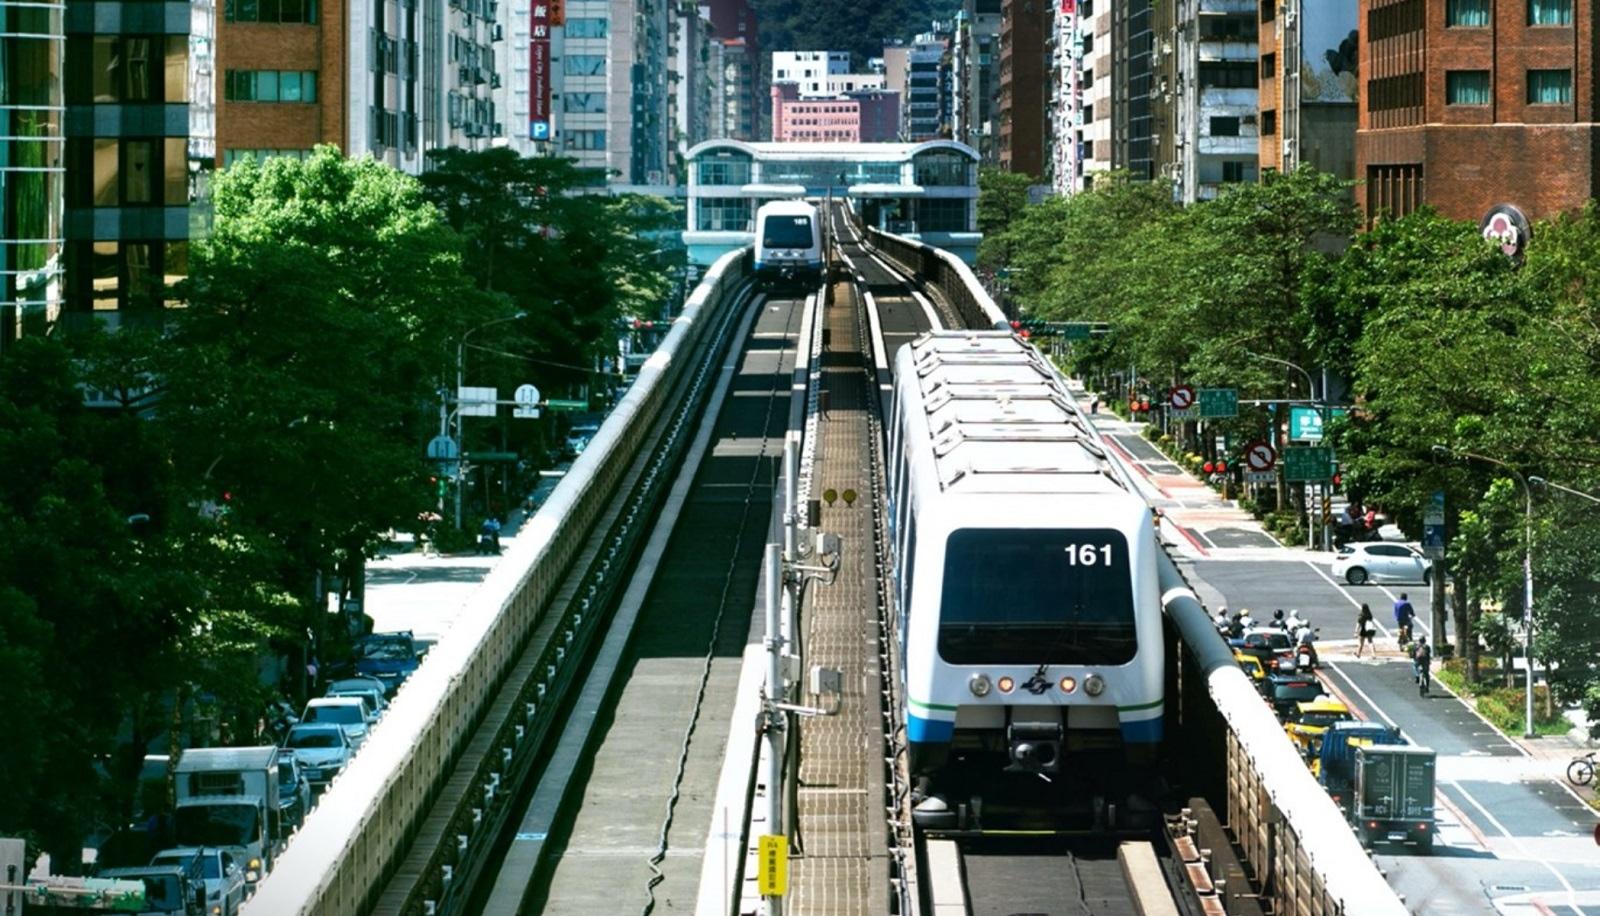 案15875經常搭乘台北捷運通勤,曾在7月28~8月5日間行經雙北捷運5大站點,包括捷運頂溪站、古亭站、南京復興站及捷運大安站。圖/截自台北捷運臉書